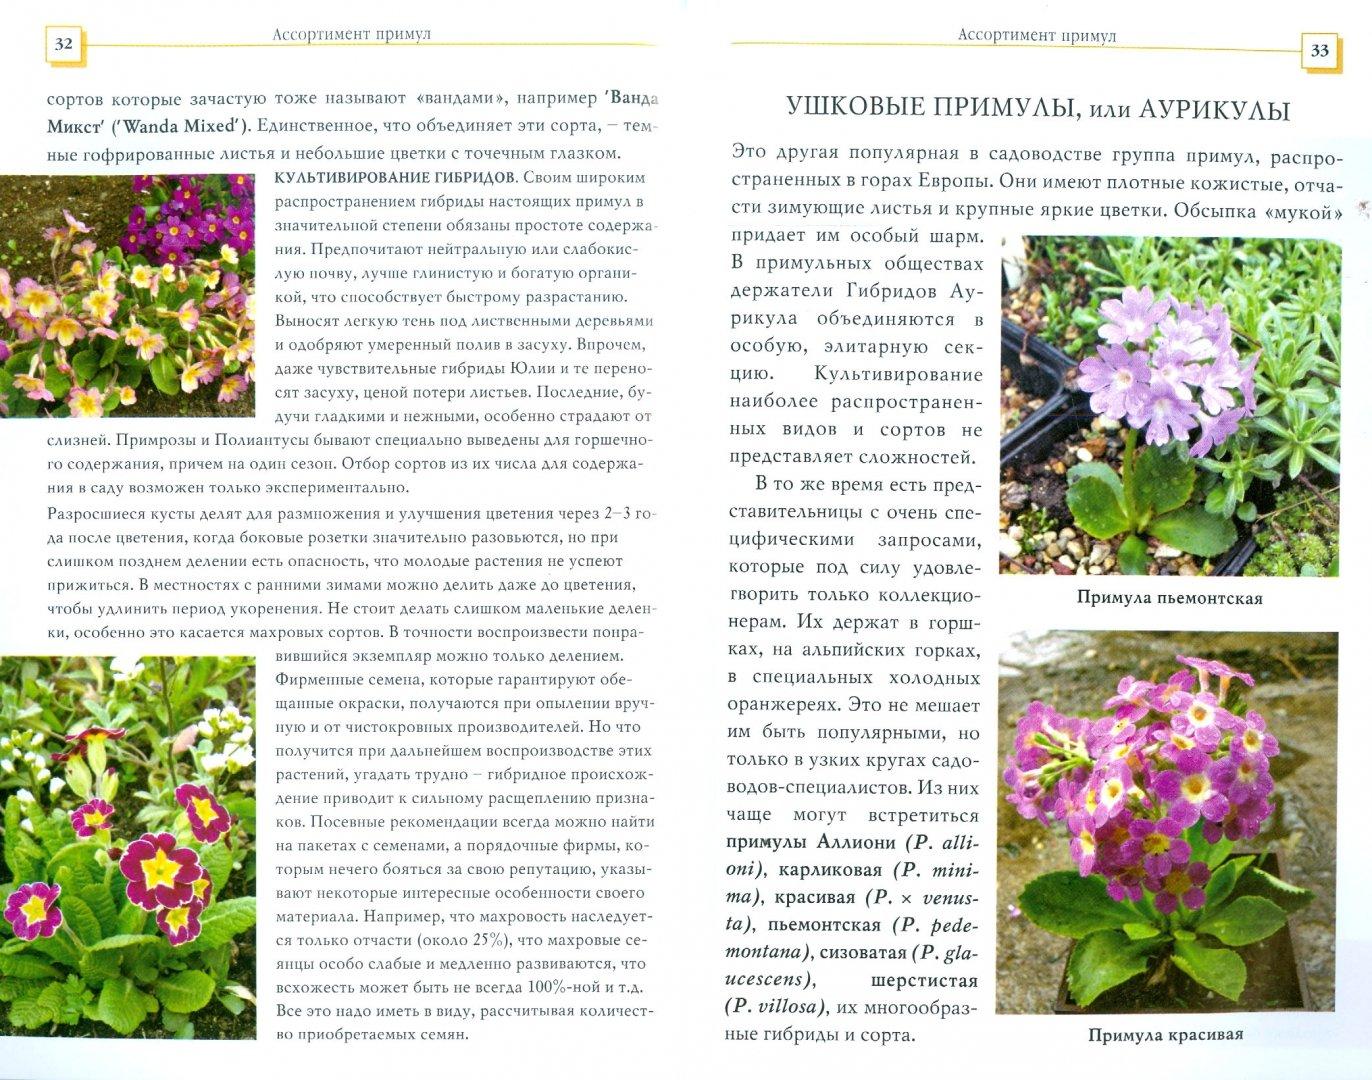 Иллюстрация 1 из 2 для Примулы - Коновалова, Шевырева | Лабиринт - книги. Источник: Лабиринт